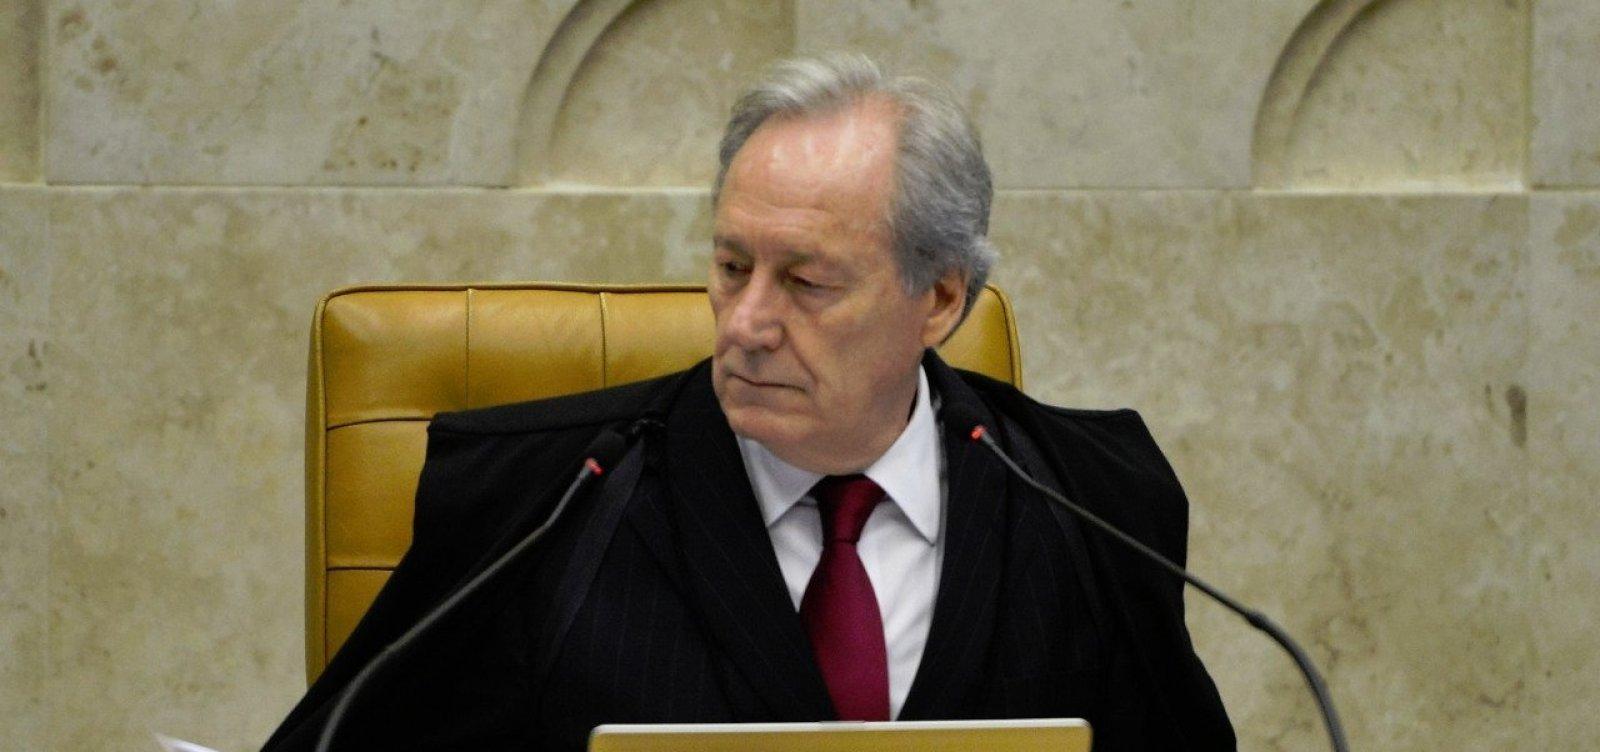 [Segunda Turma do STF julgará pedido de libertação de presos condenados em 2ª instância]